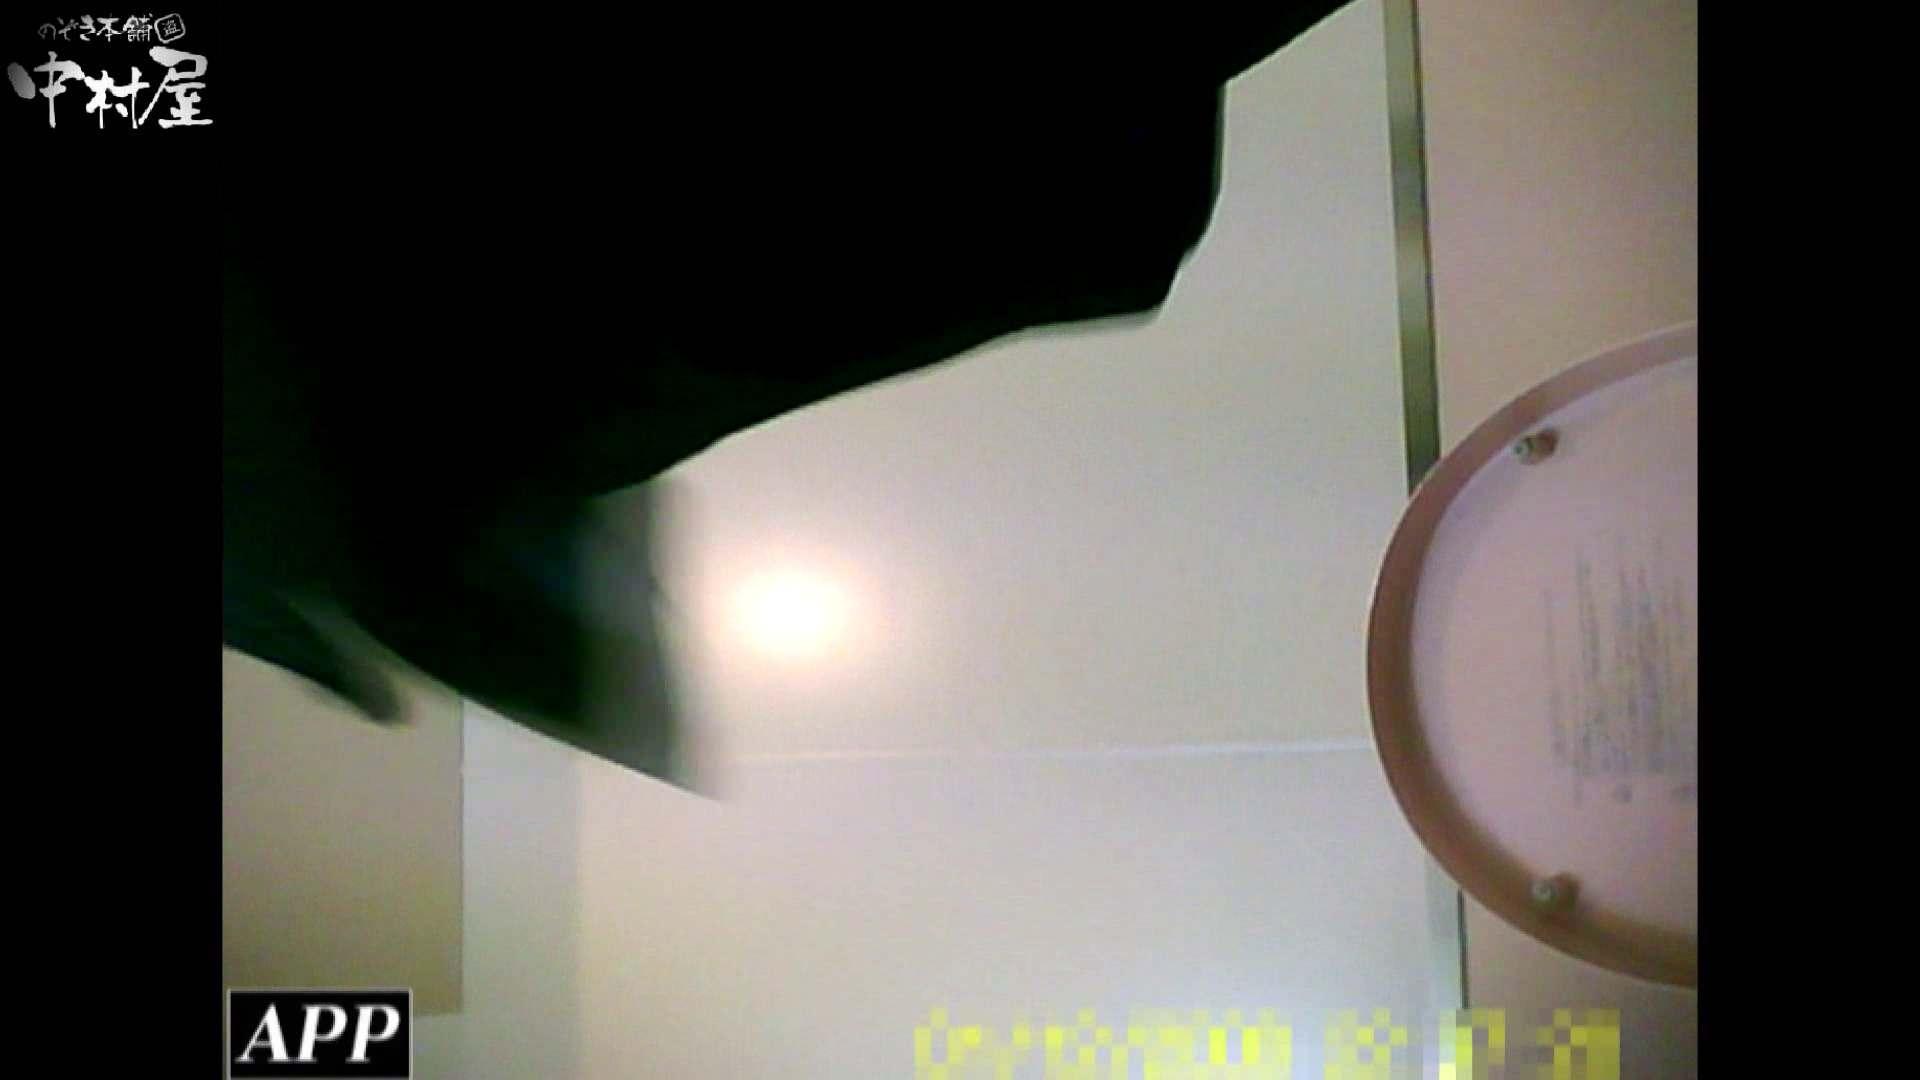 三つ目で盗撮 vol.73 美しいOLの裸体 | マンコ・ムレムレ  87pic 76